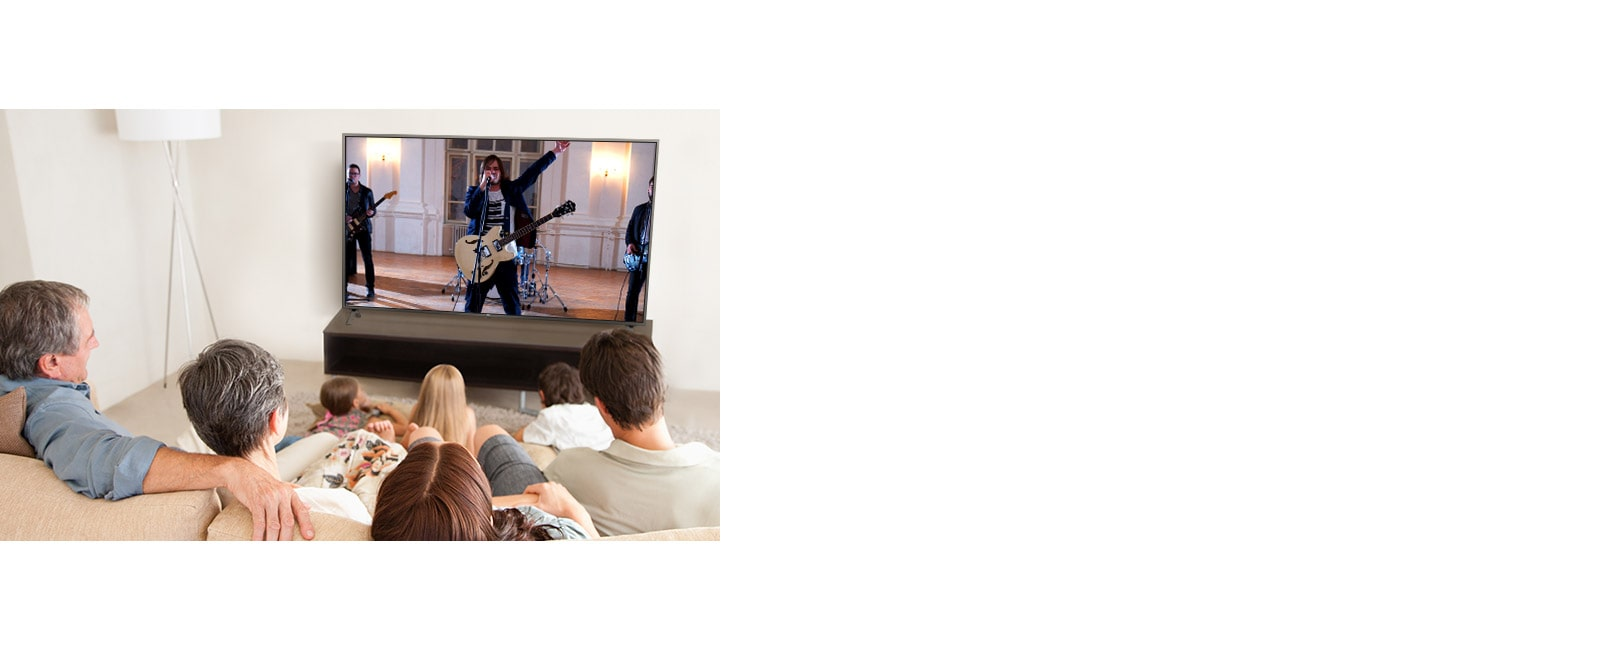 أسرة تتكون من سبعة أفراد تجمعوا في غرفة المعيشة لمشاهدة أحد الأفلام. شاشة تلفزيونية تظهر فرقة خلال أدائها أحد العروض.